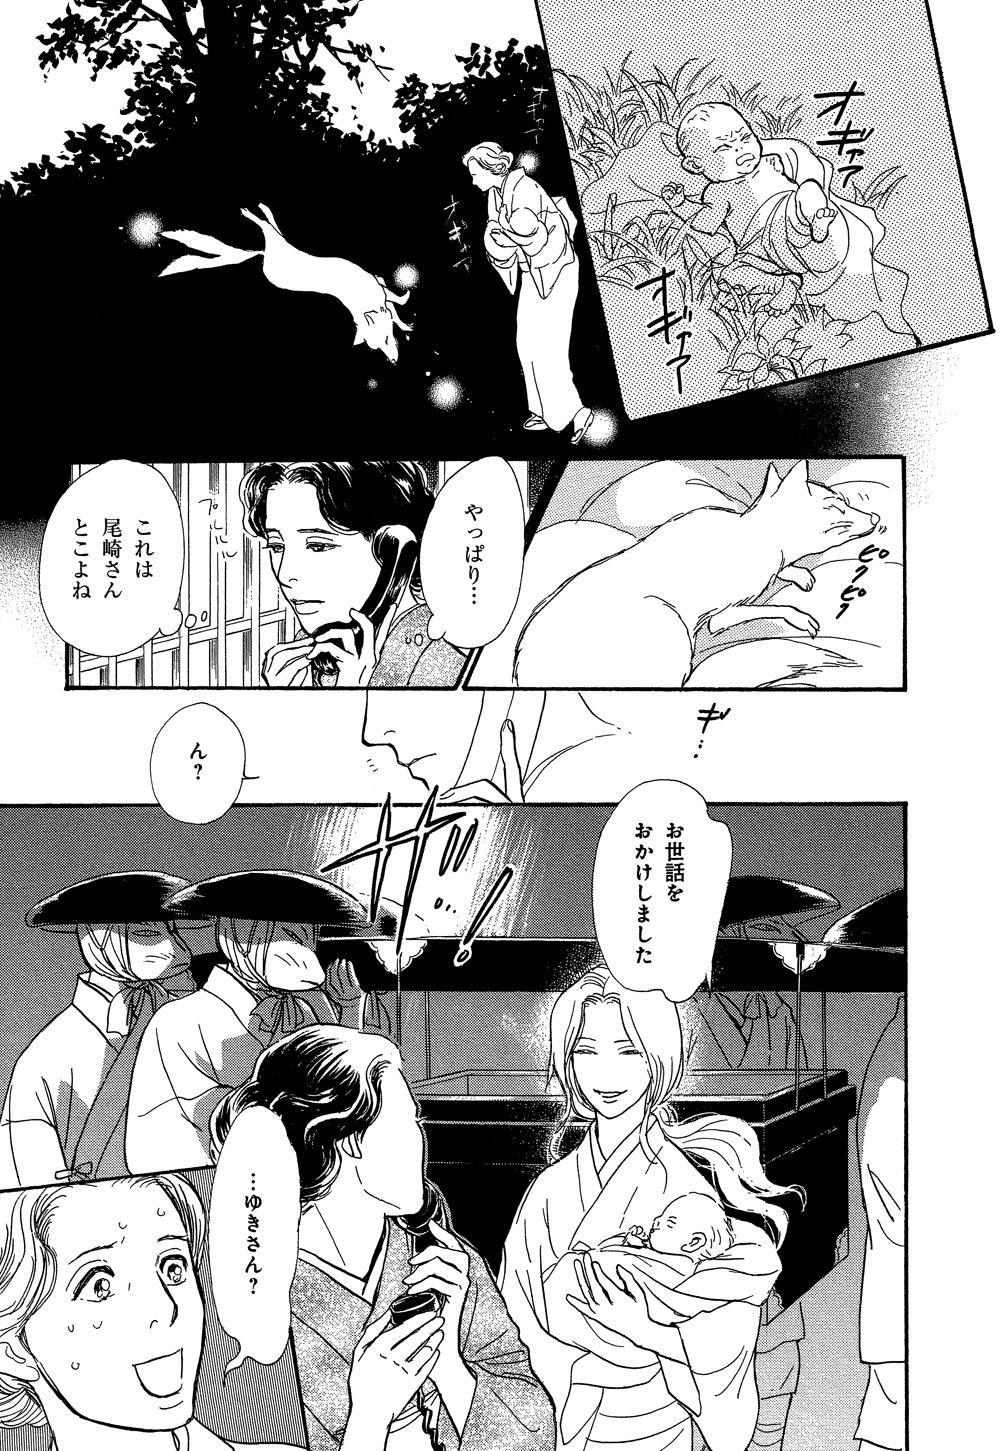 hyakki_0021_0045.jpg